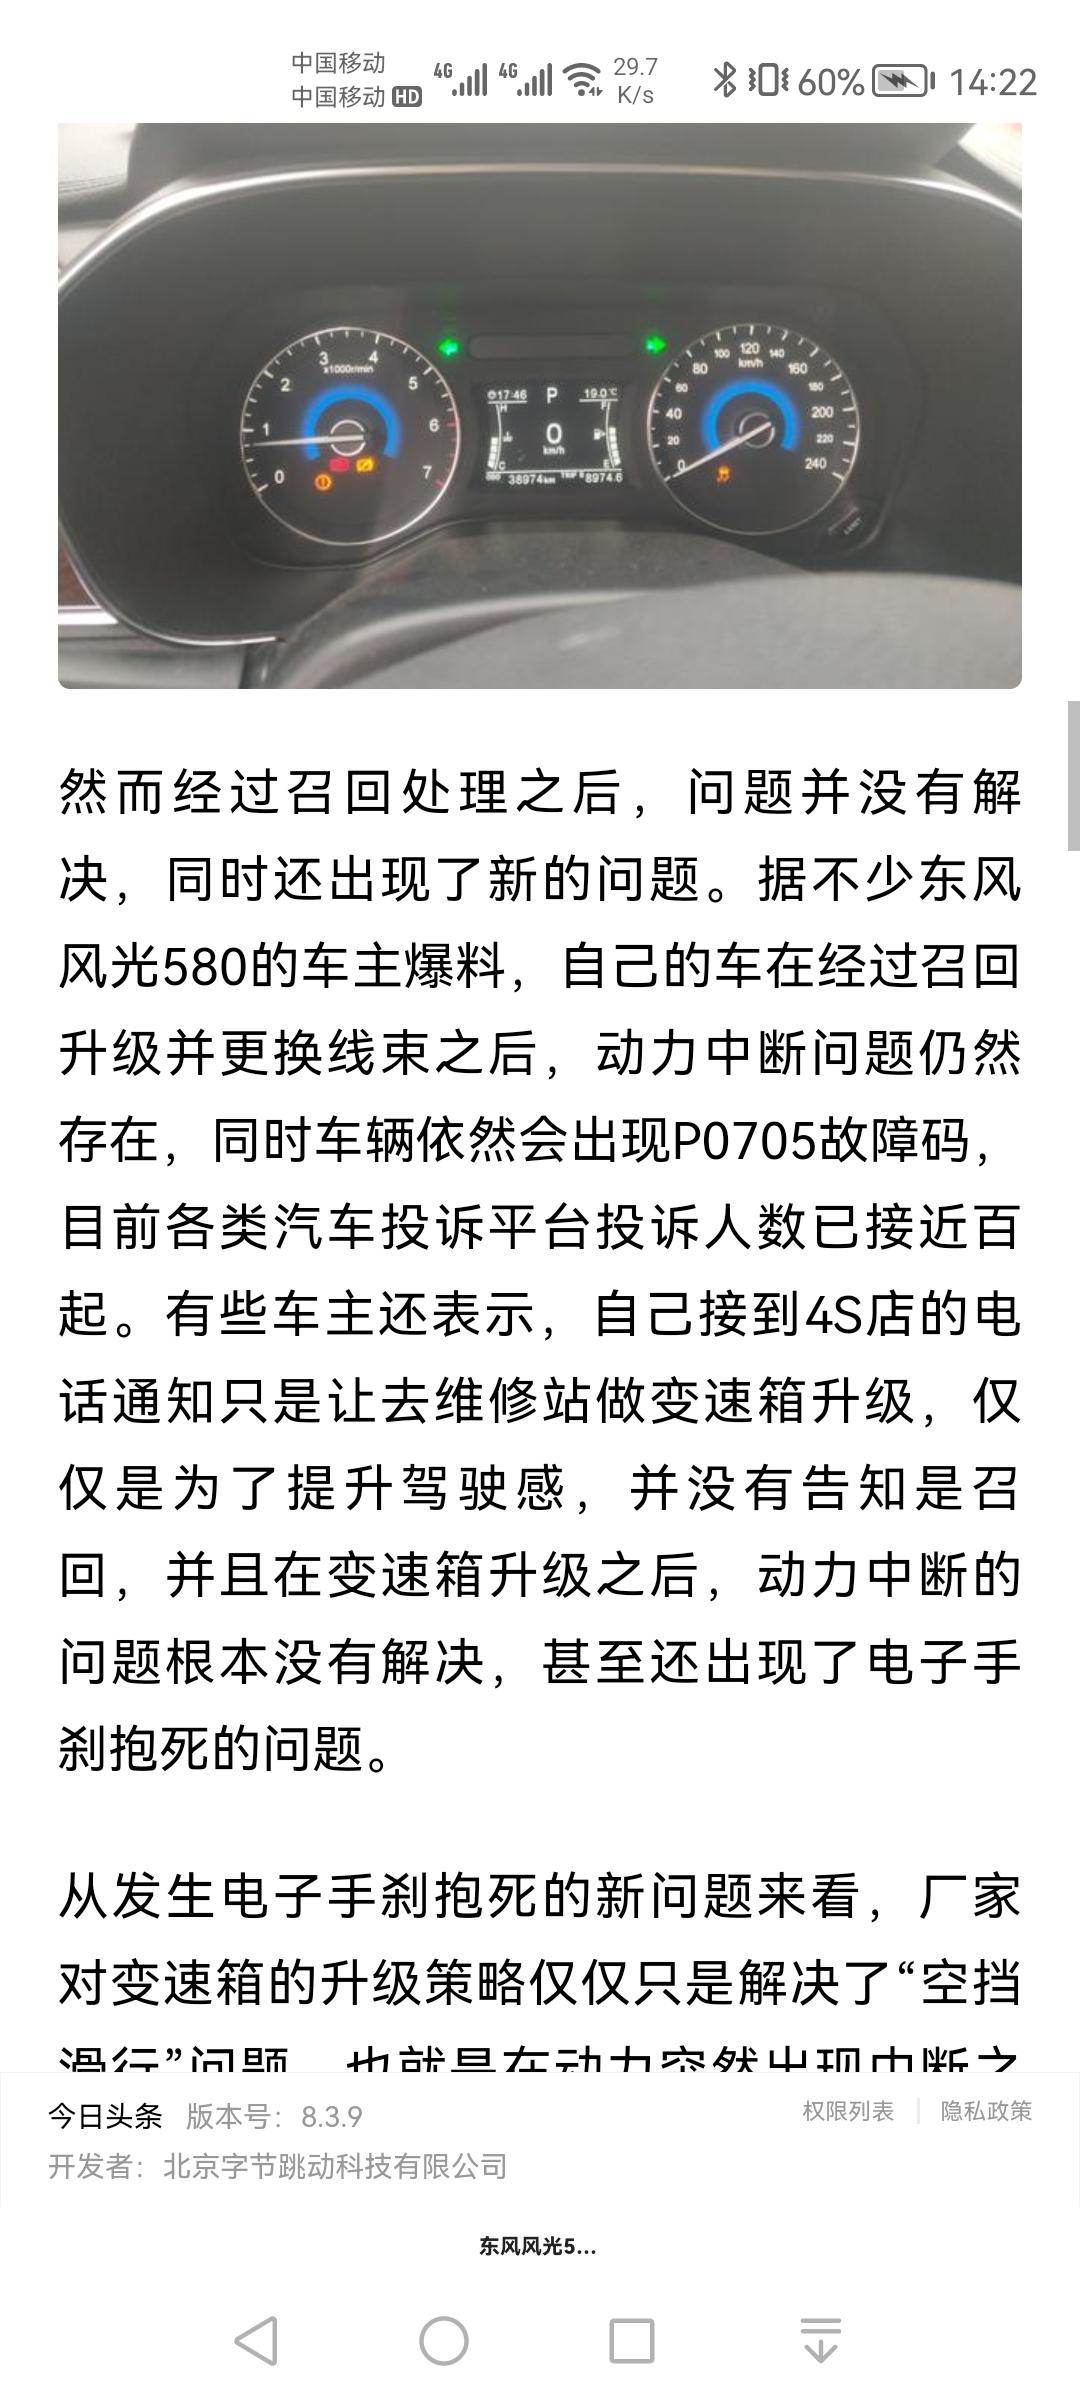 東風小康風光580車輛動力中斷問題官方召回處理后無果,且無理要求消費者自費維修